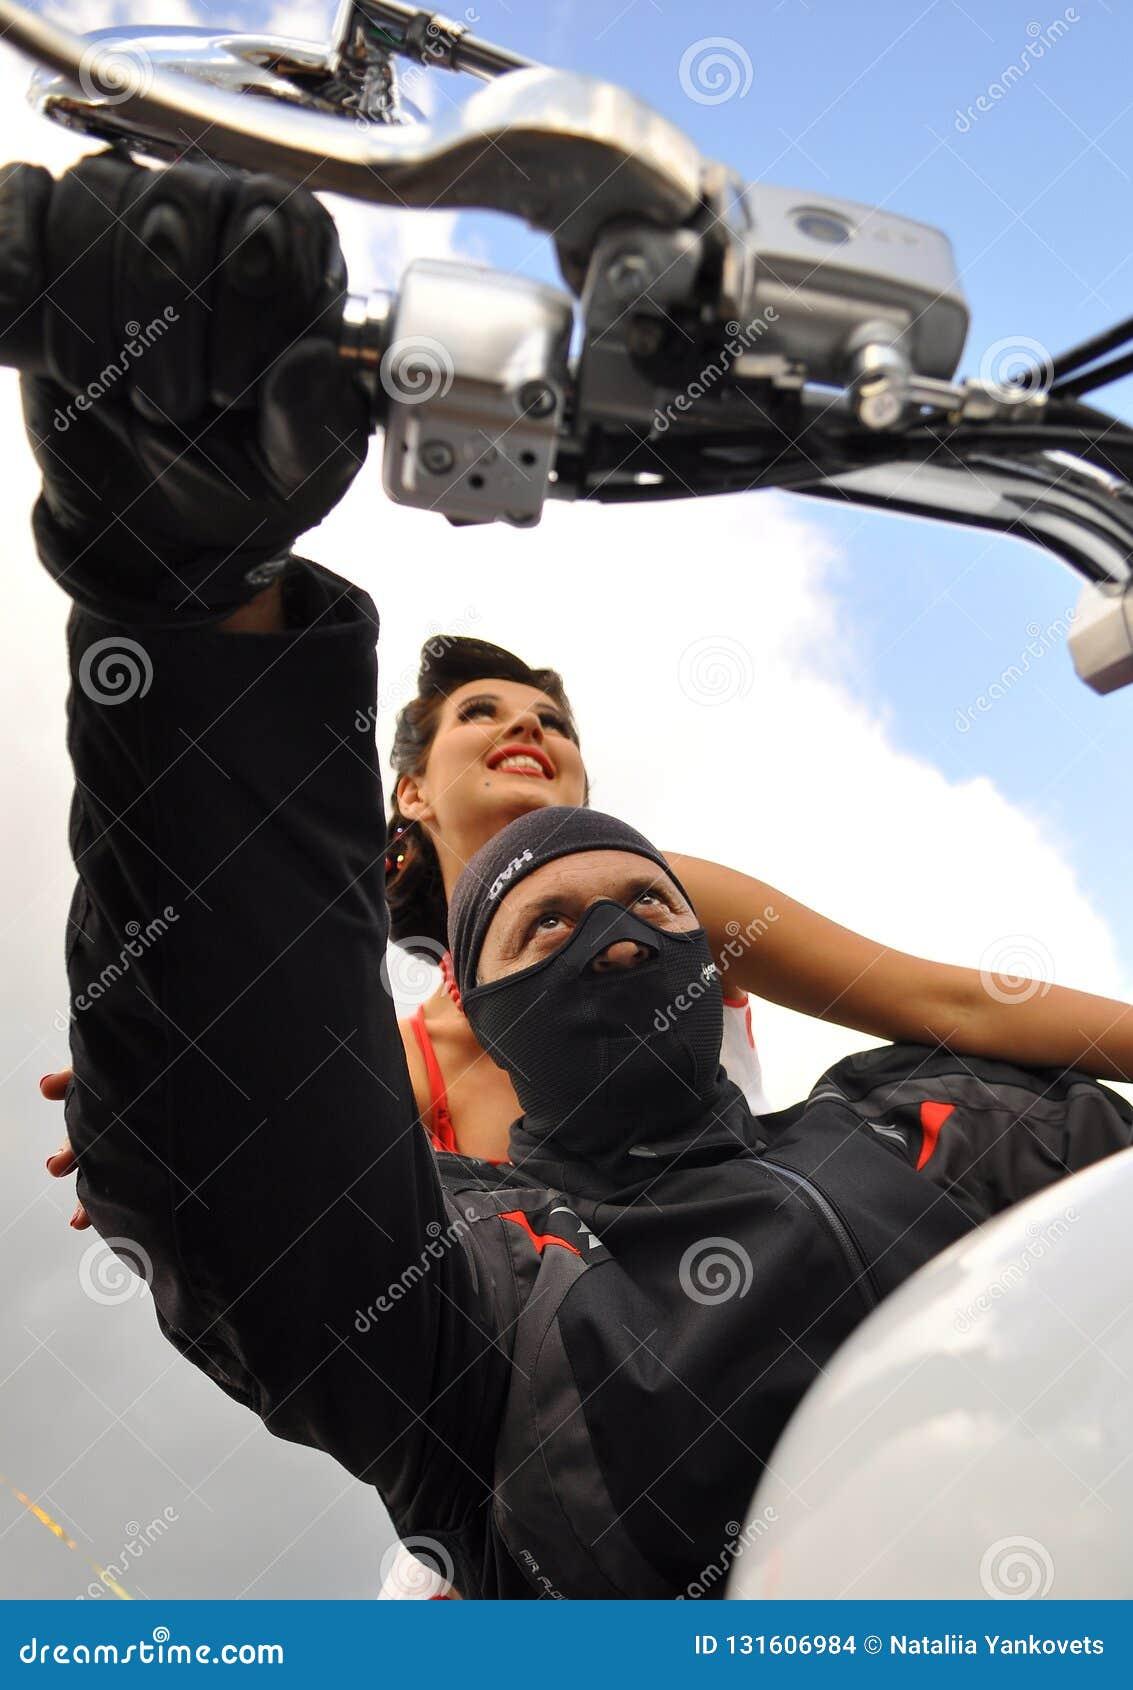 一个黑面具的一个人在一辆白色摩托车的轮子后在他后的坐美女坐天空蔚蓝的背景